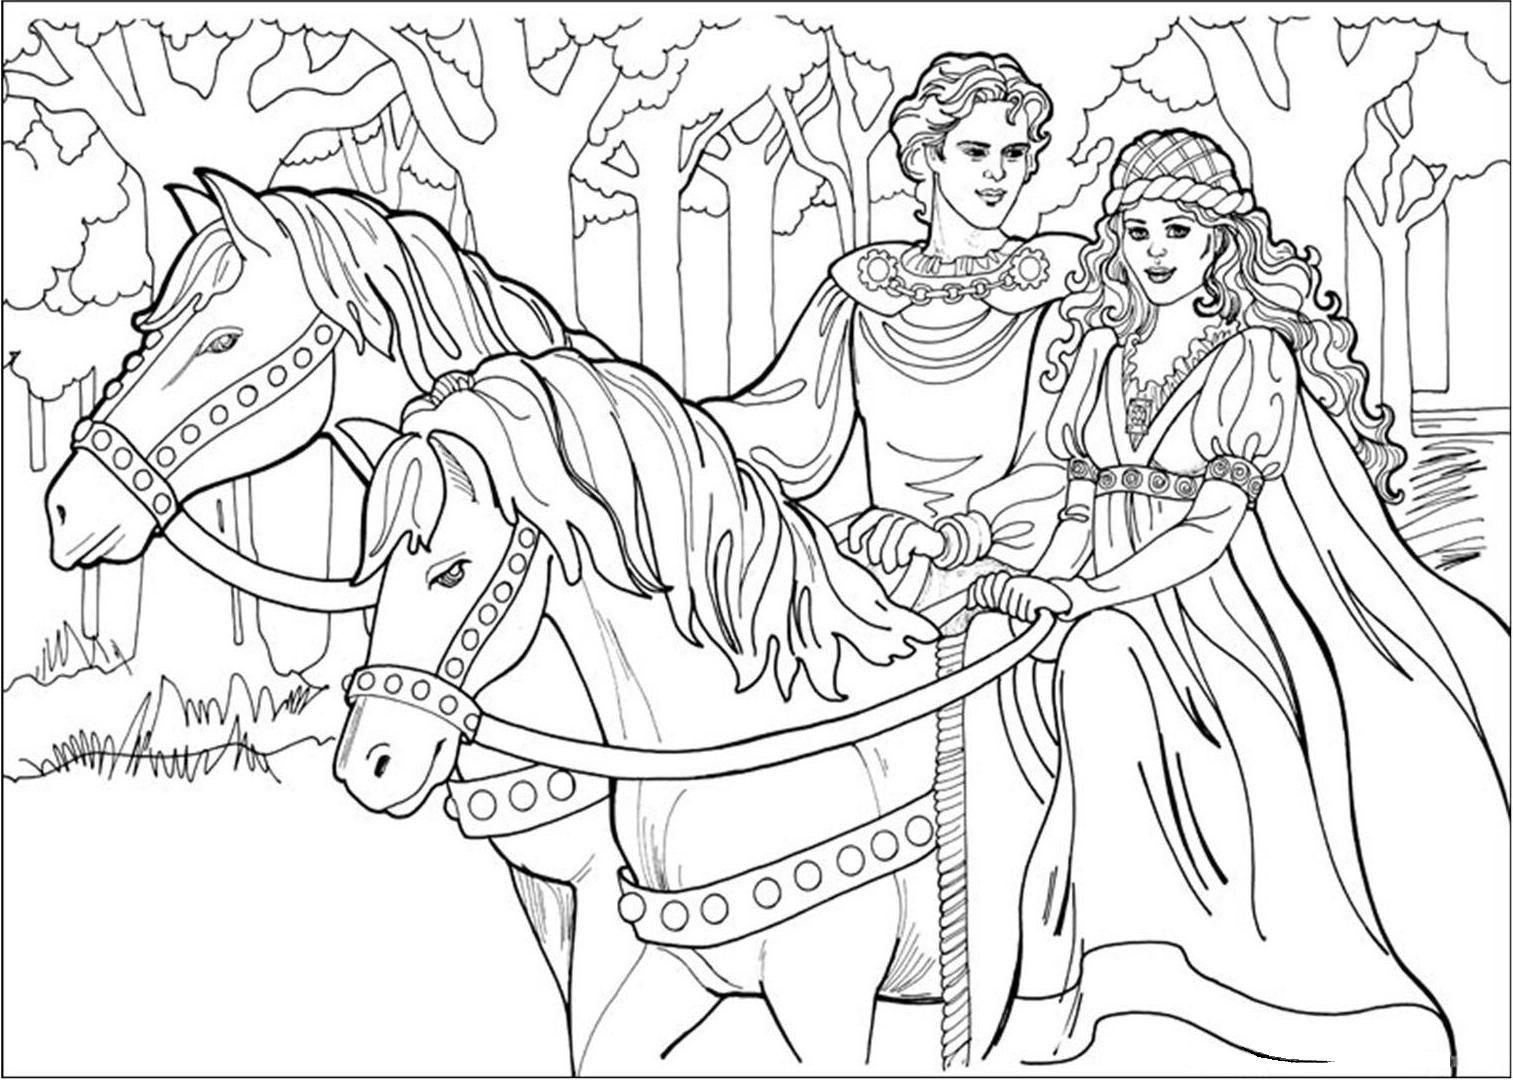 Pour Imprimer Coloriage Princesse 7 Cliquez Sur L Icone De L Imprimante A Droite De Cette Page Horse Coloring Pages Princess Coloring Pages Coloring Pages [ 1080 x 1513 Pixel ]